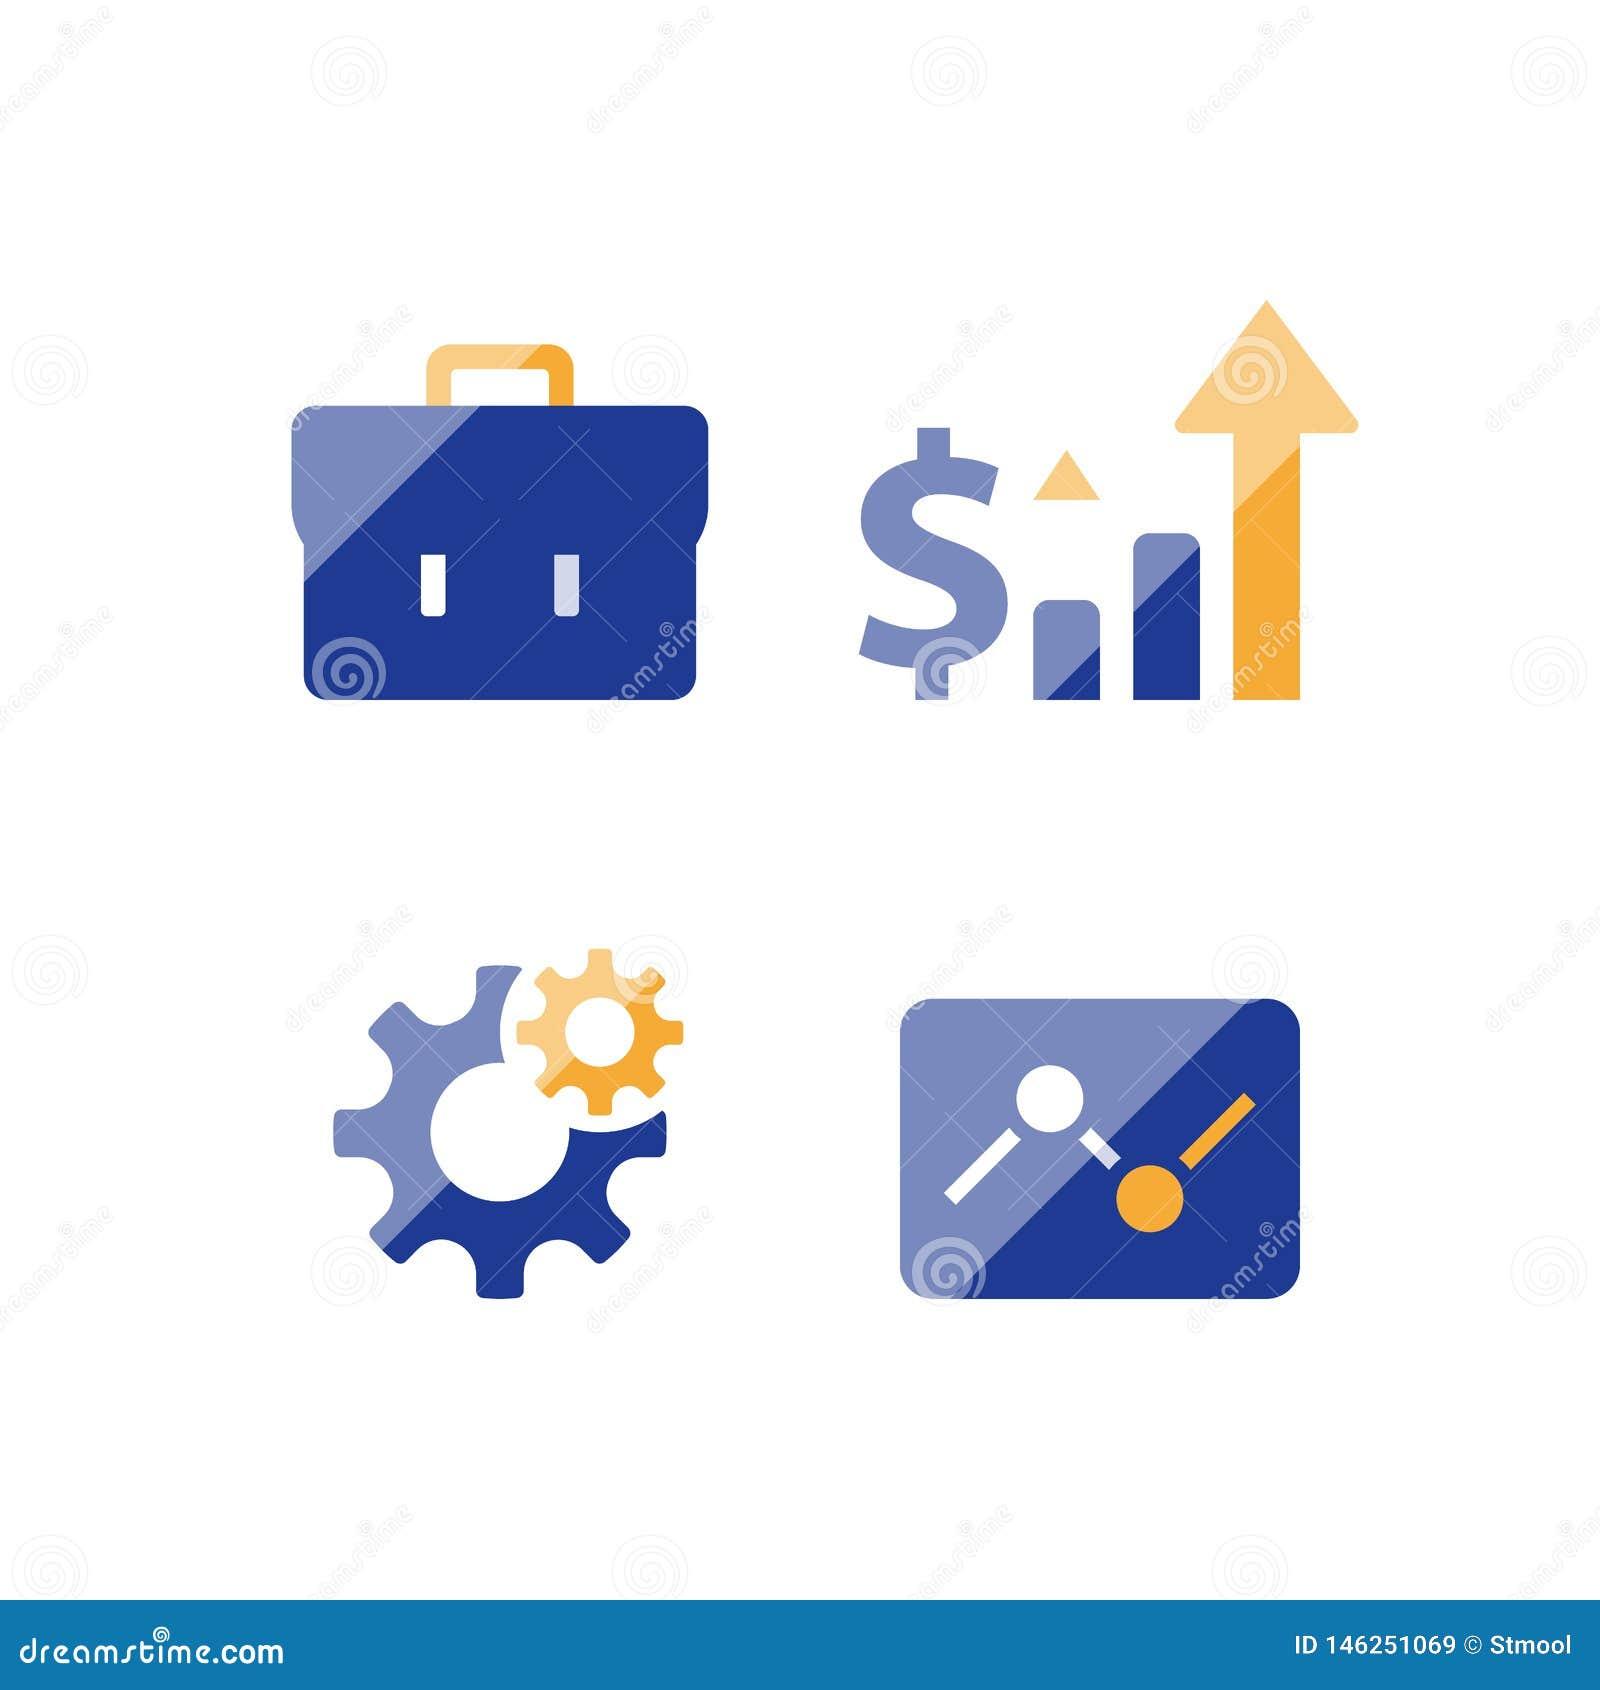 事业企业成长战略,投资基金性能报告,有活力的市场数据逻辑分析方法,经济风险评估